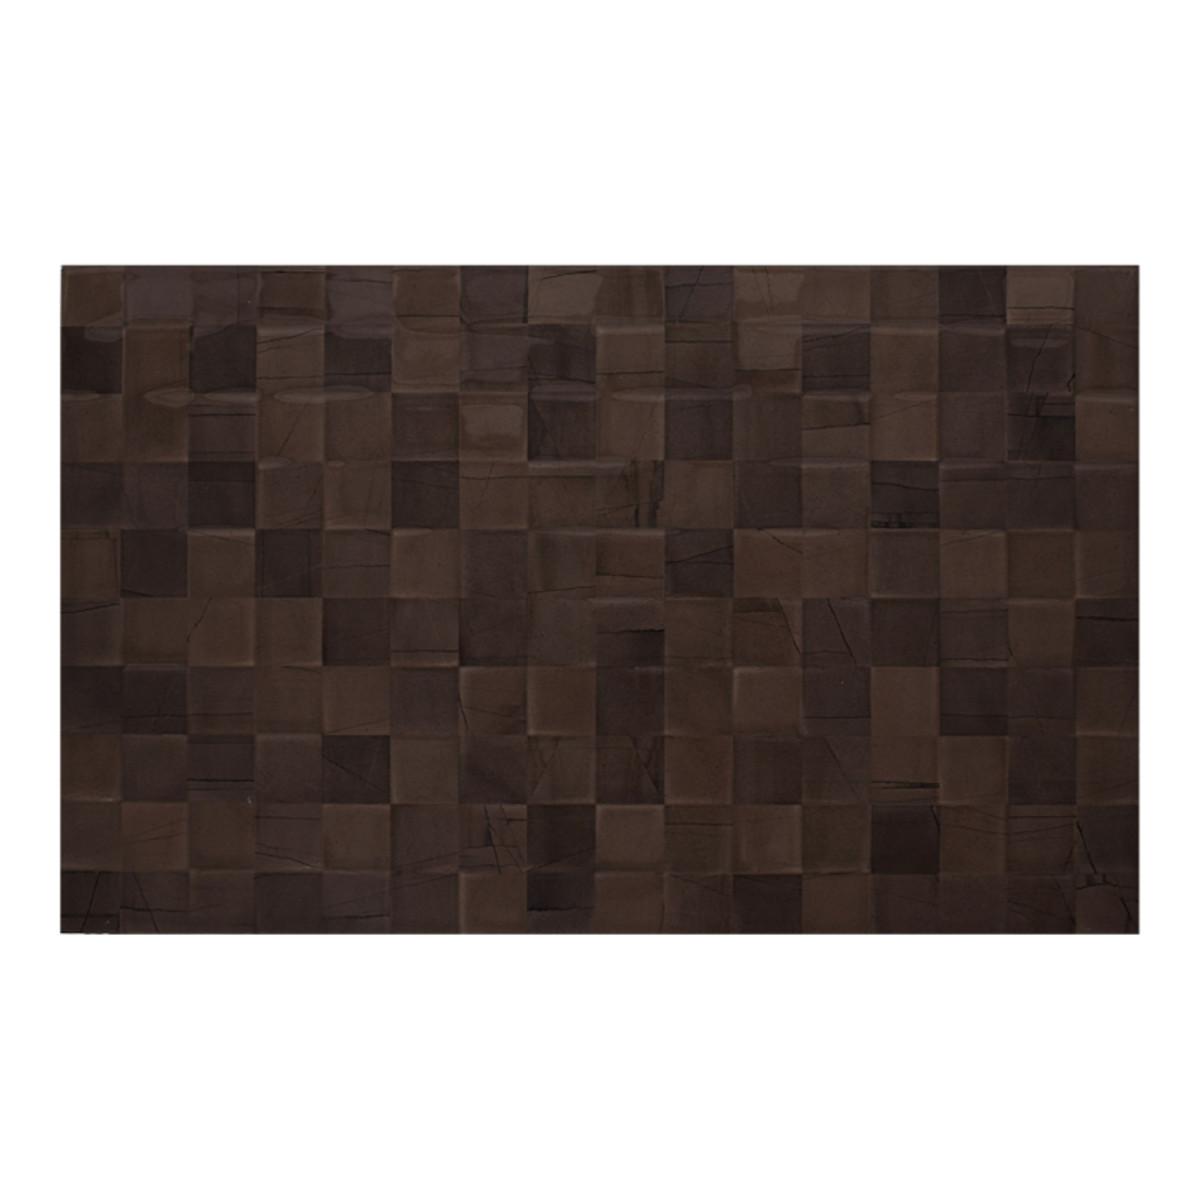 Плитка настенная Bali цвет коричневый 25х40 см 15 м2